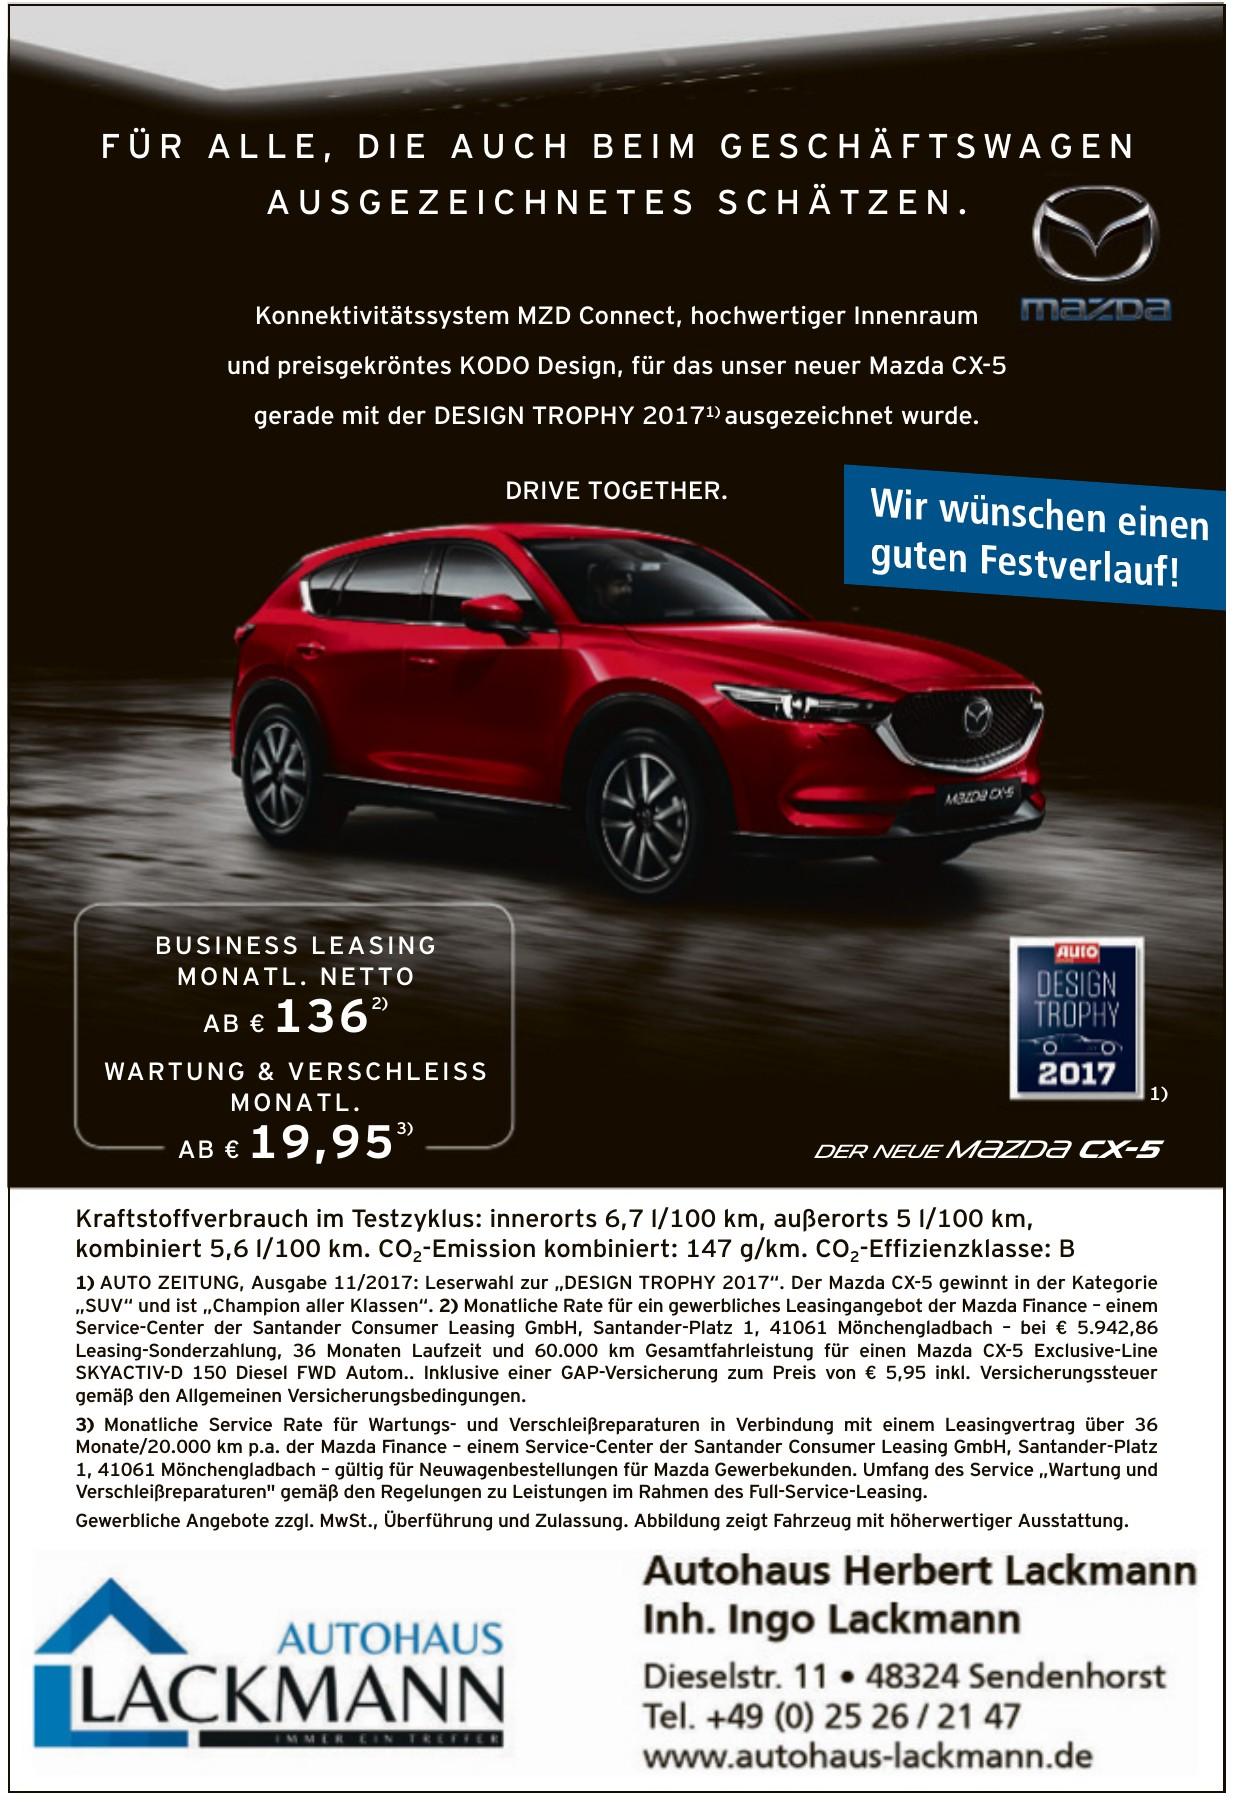 Autohaus Herbert Lackmann